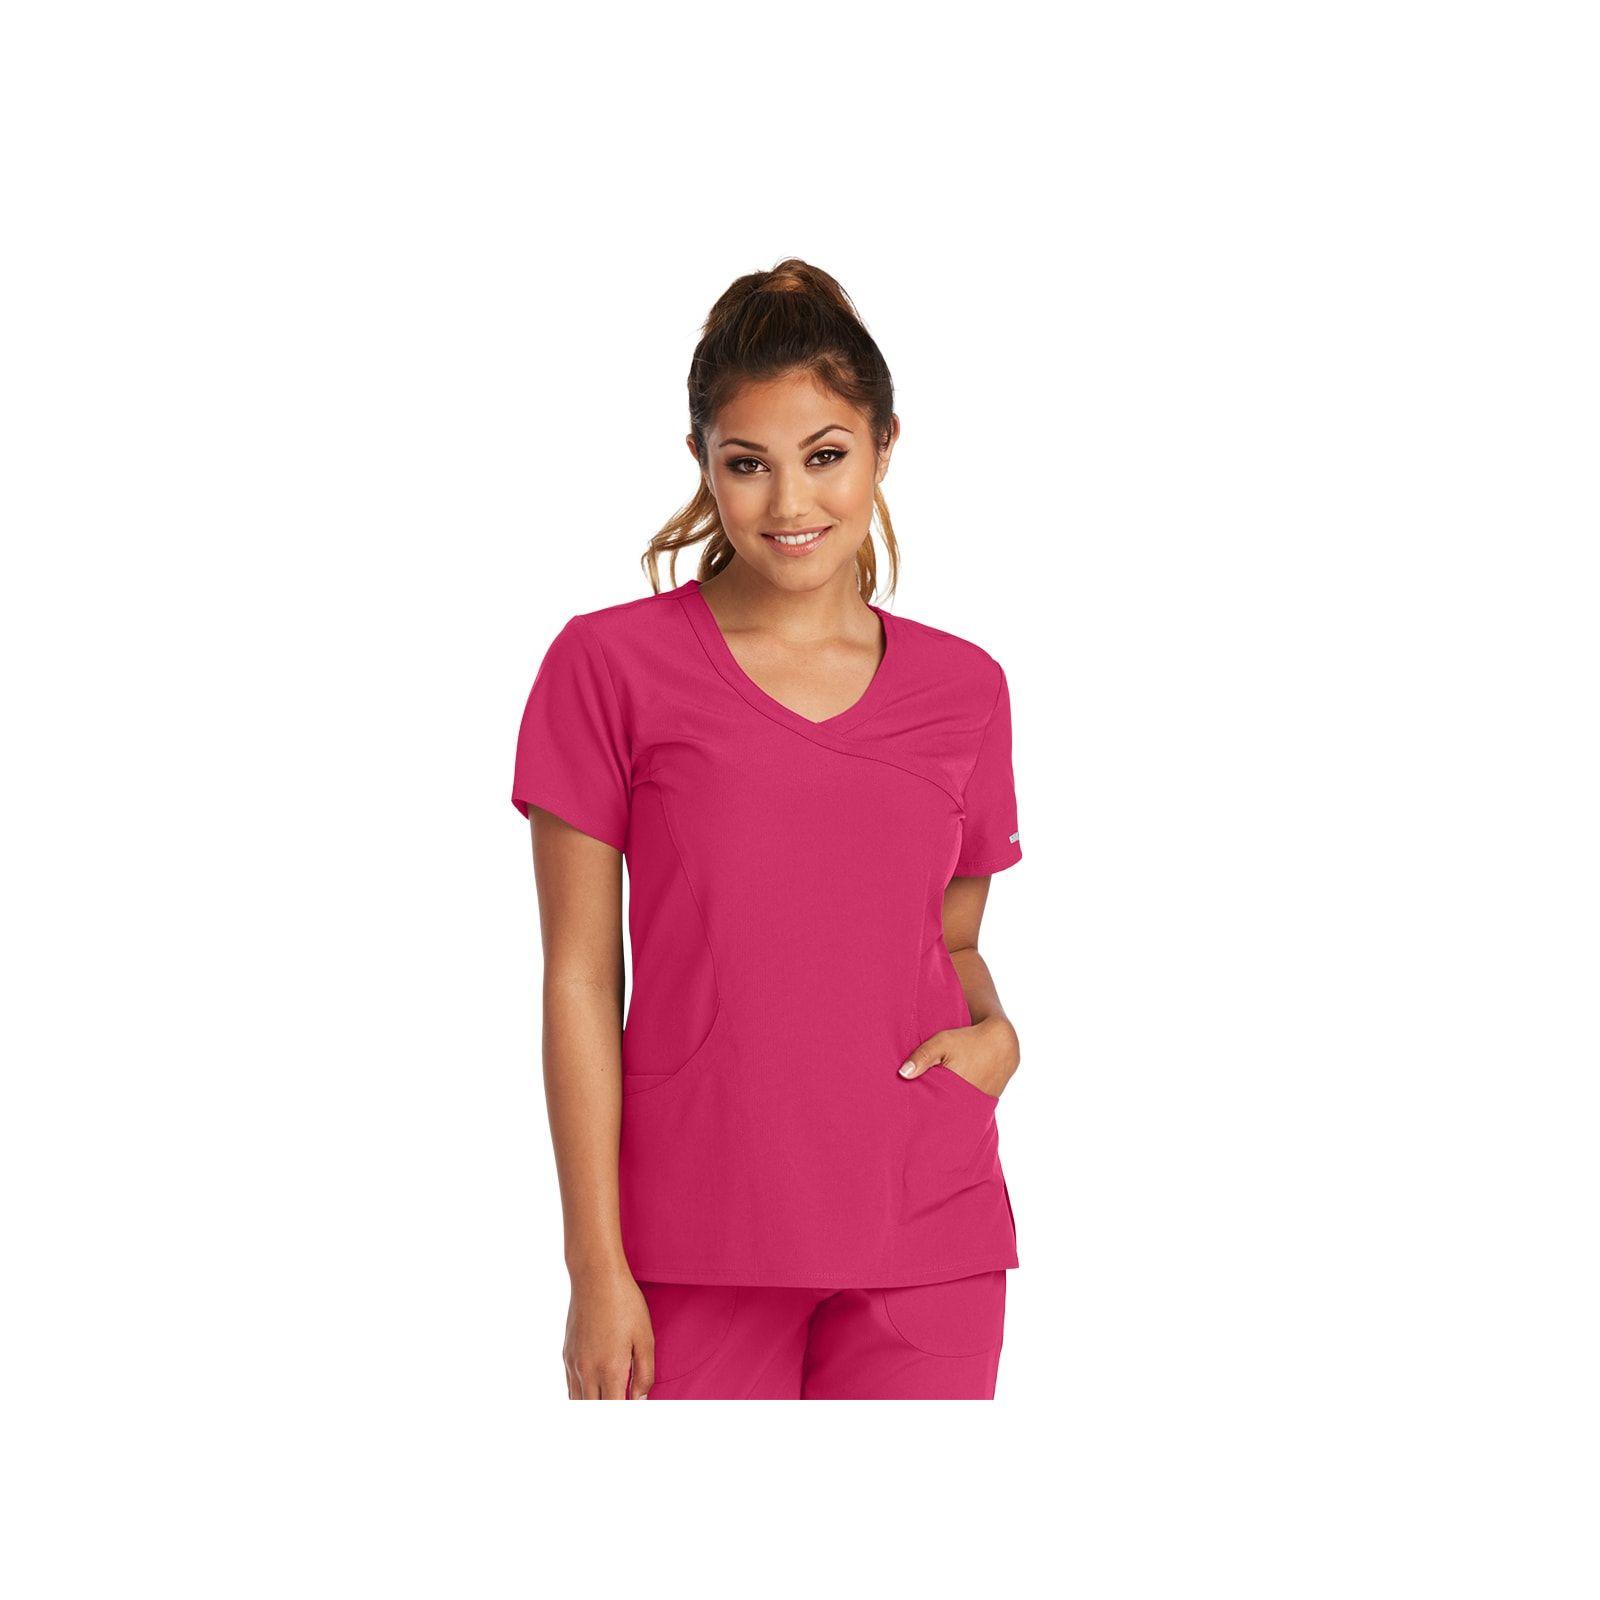 """Blouse médicale femme, couleur framboise vue de face, collection """"Skechers"""" (SK102-)"""